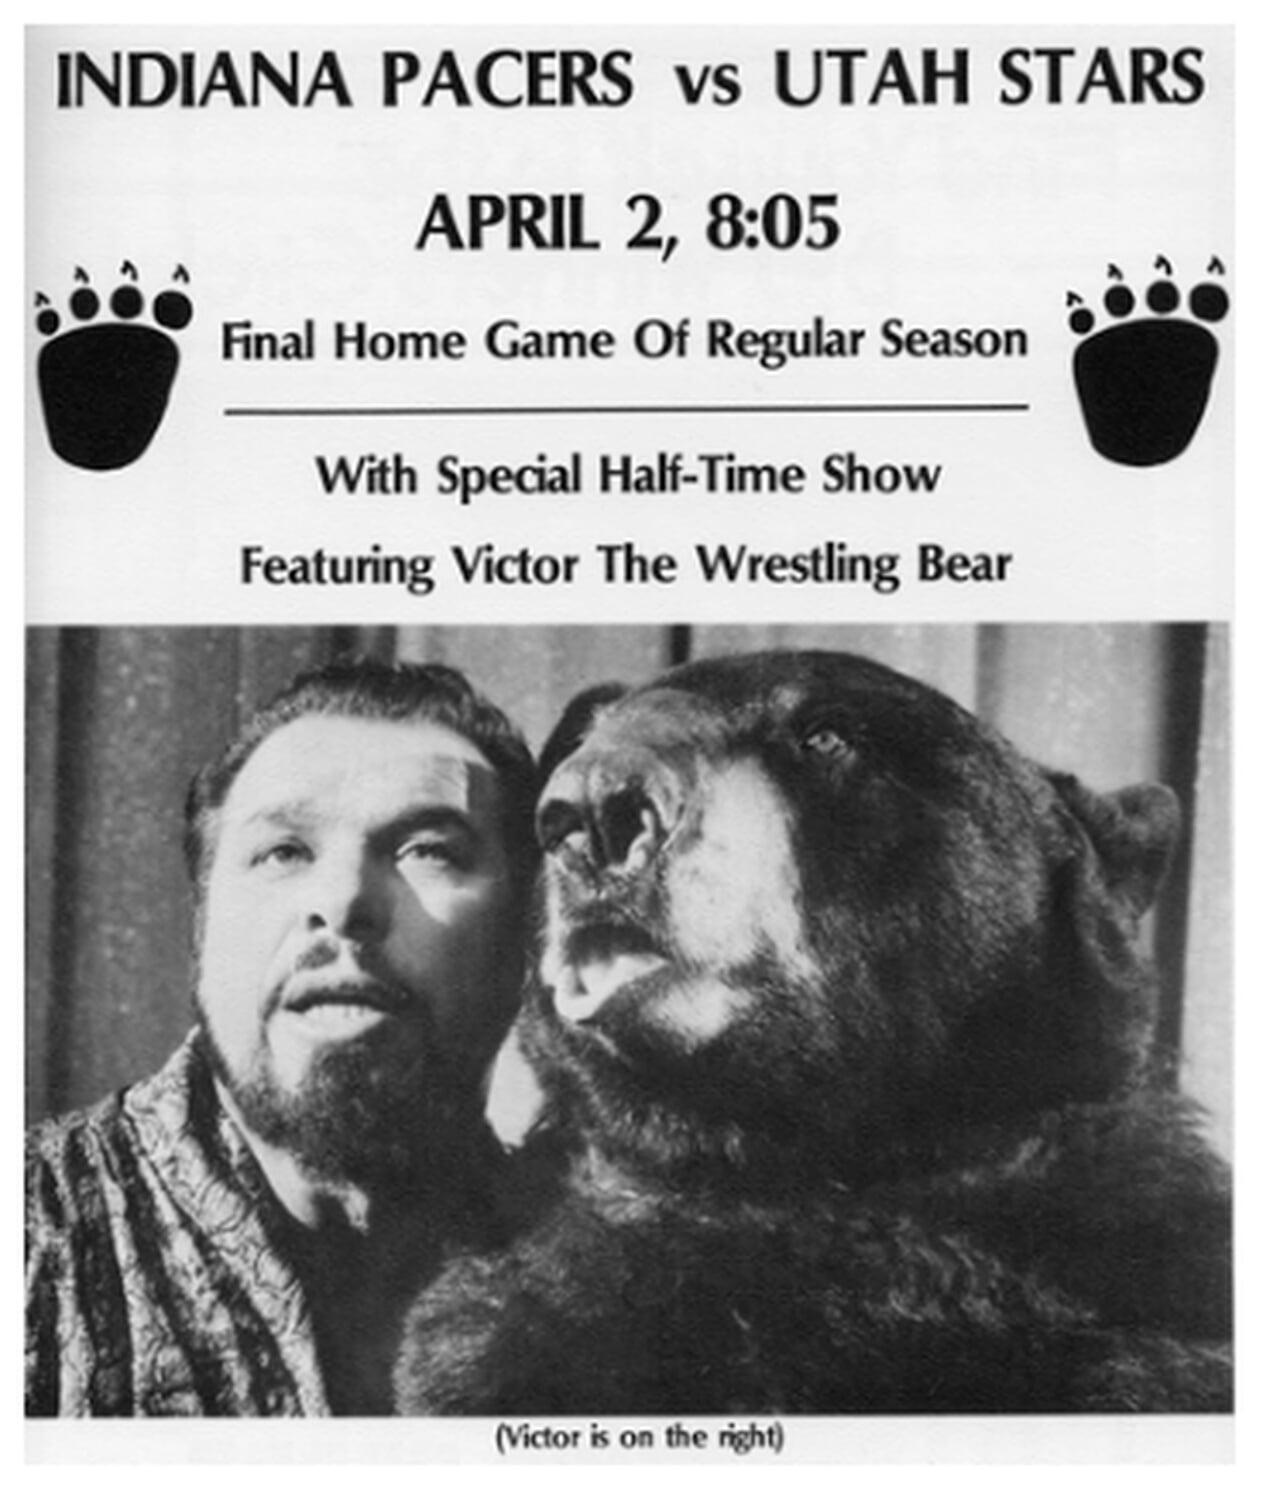 Хабиб боролся с медведем, но в США это очень распространенная забава. С животными дрались в ринге и клетке, а мишка Виктор был легендой